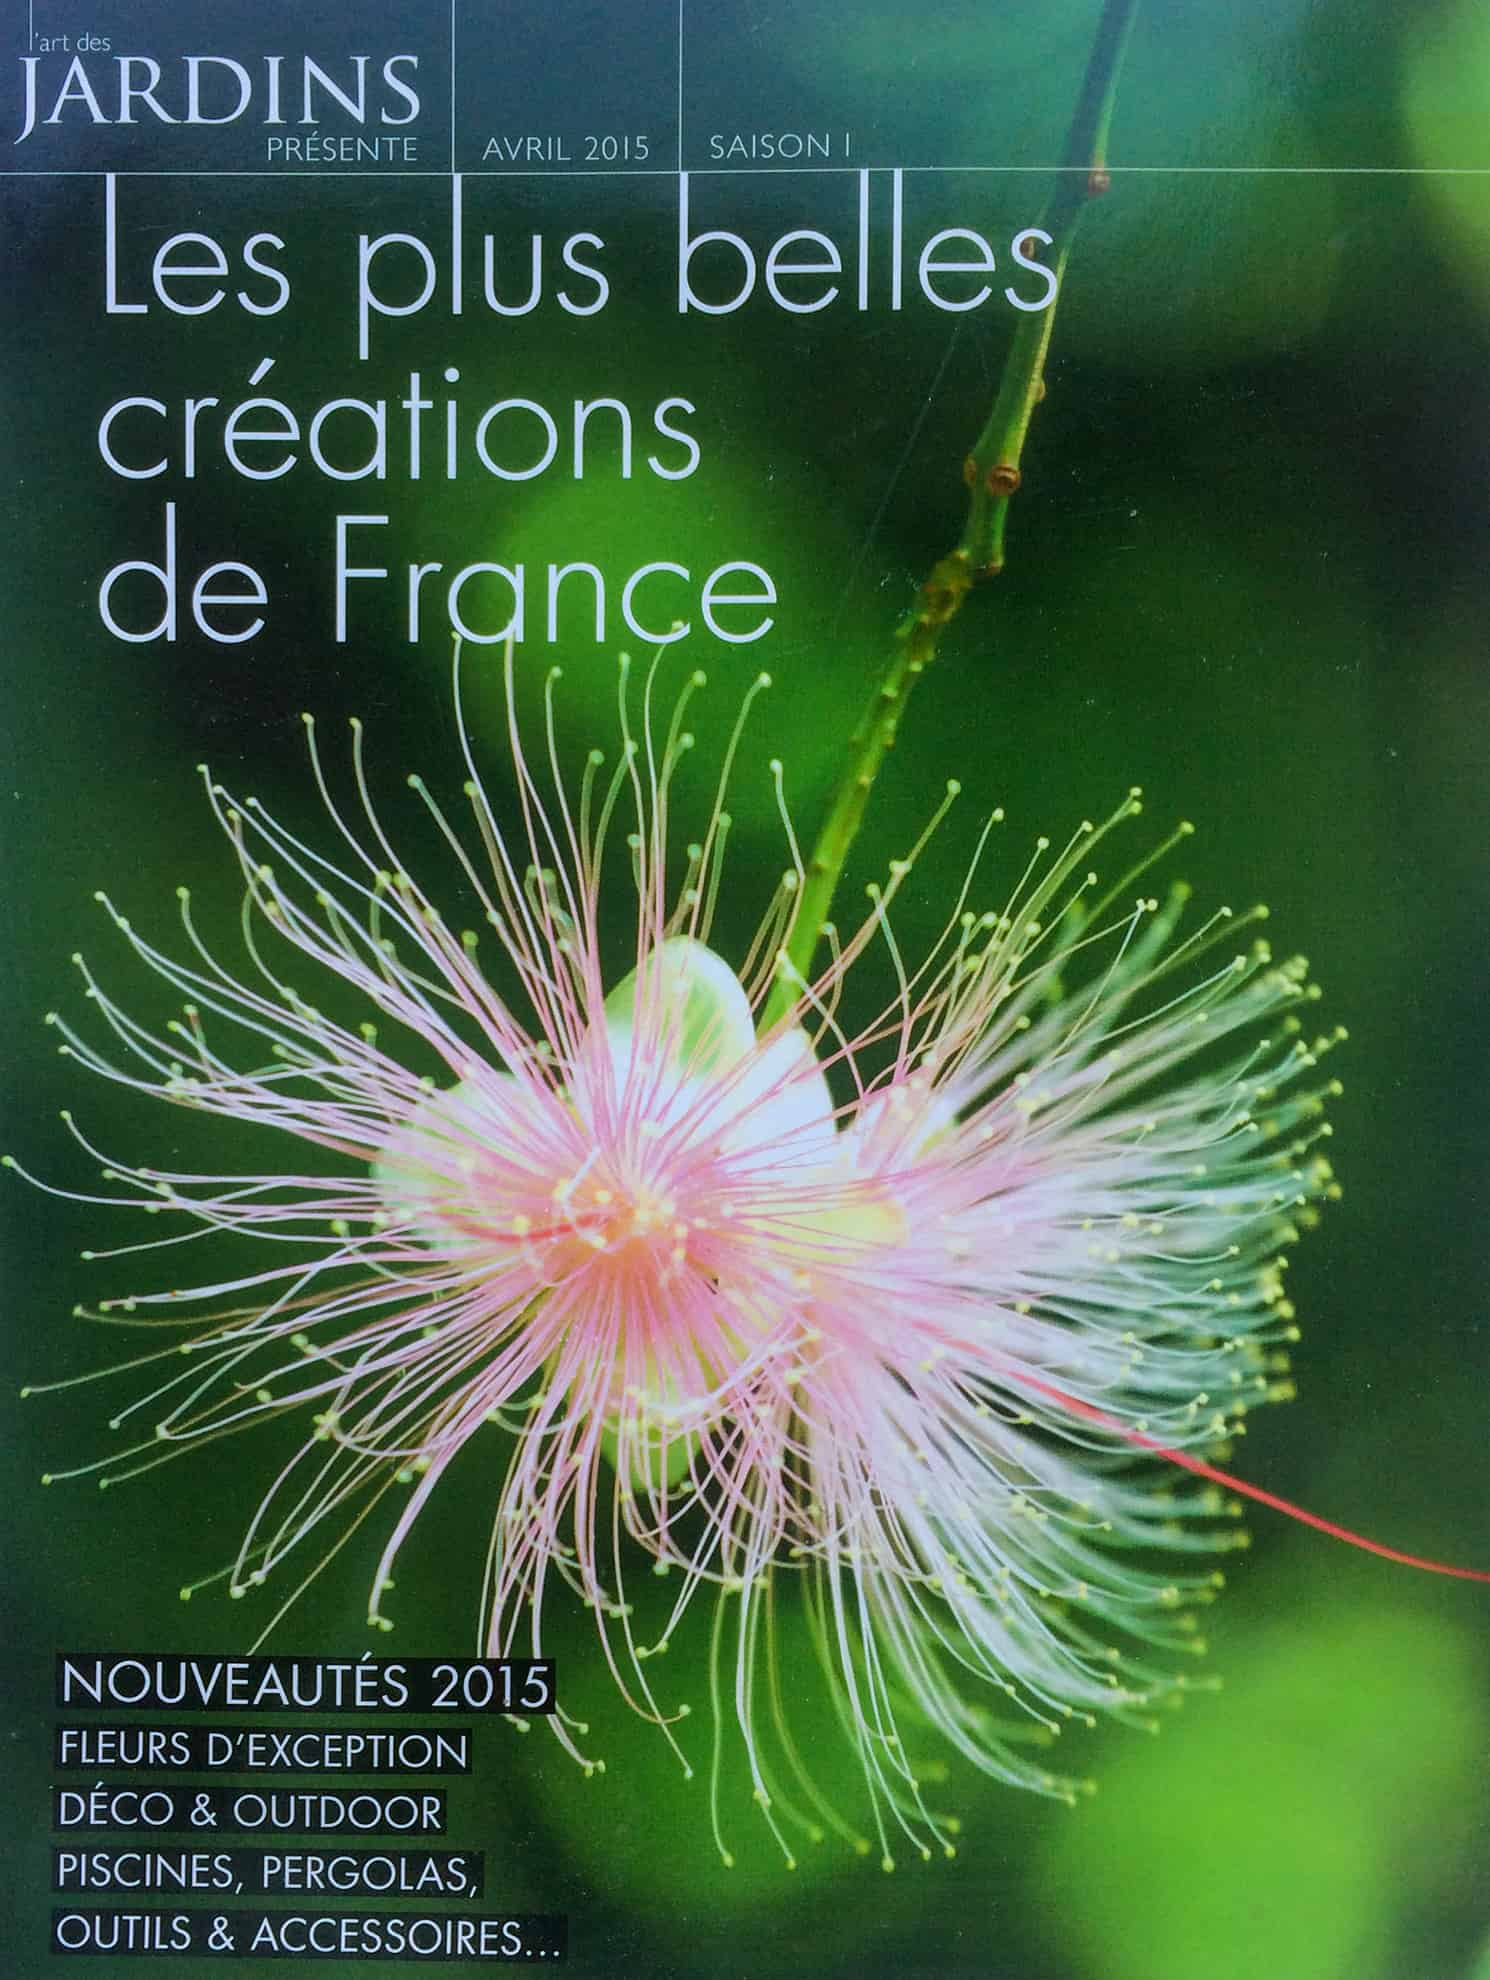 La Blanche Maison - Hors-série - L'Art des jardins - Les plus belles créations de France - Avril 2015